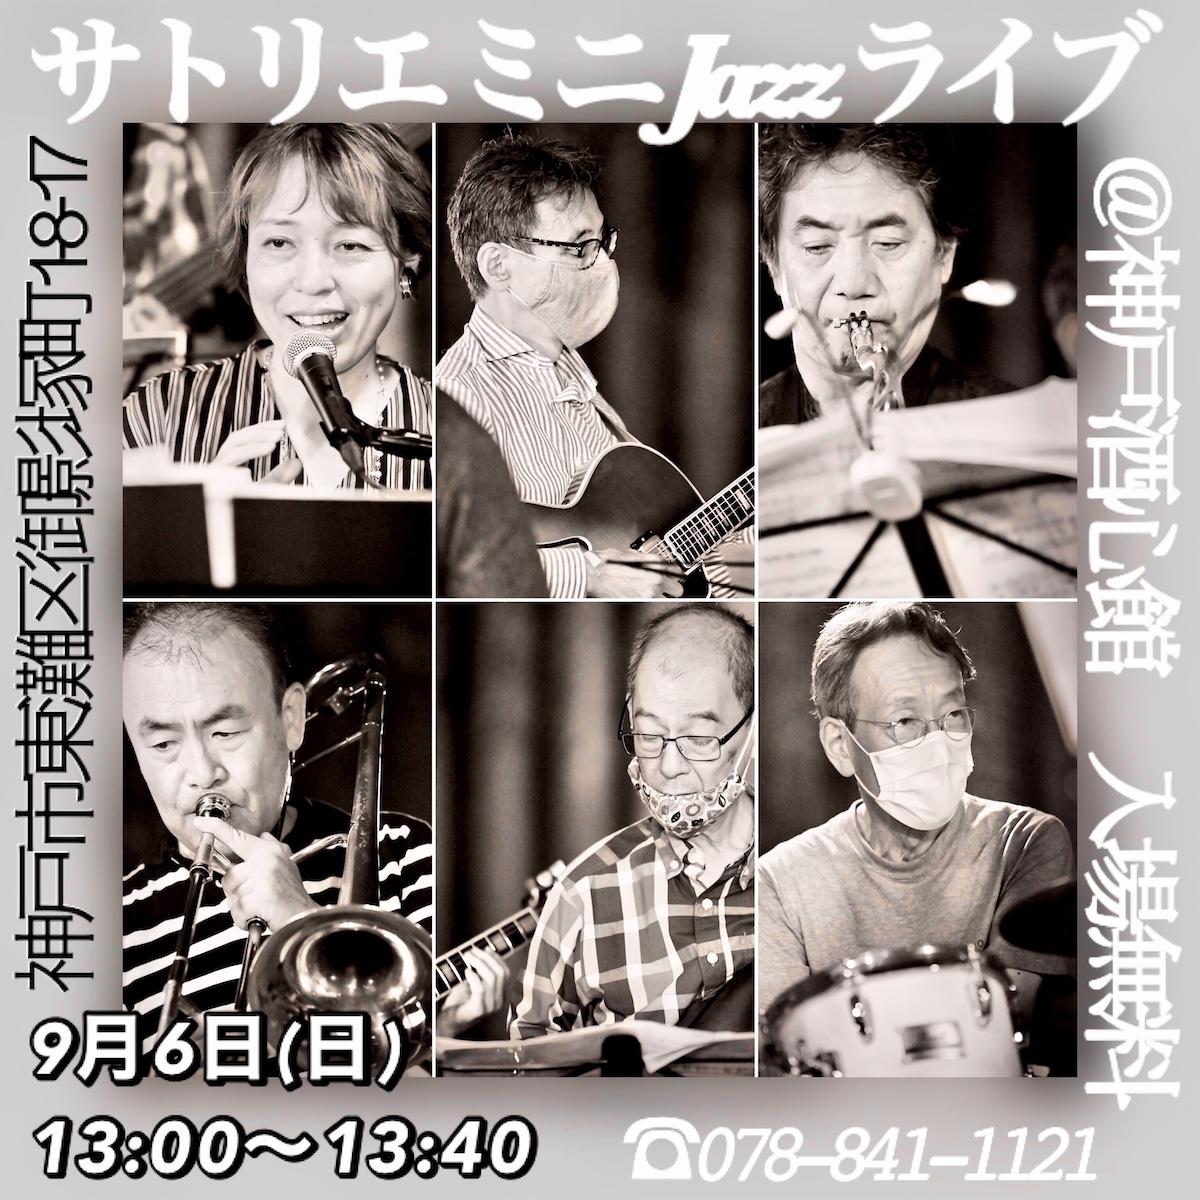 神戸酒心館週末のミニイベント|ミニジャズライブ